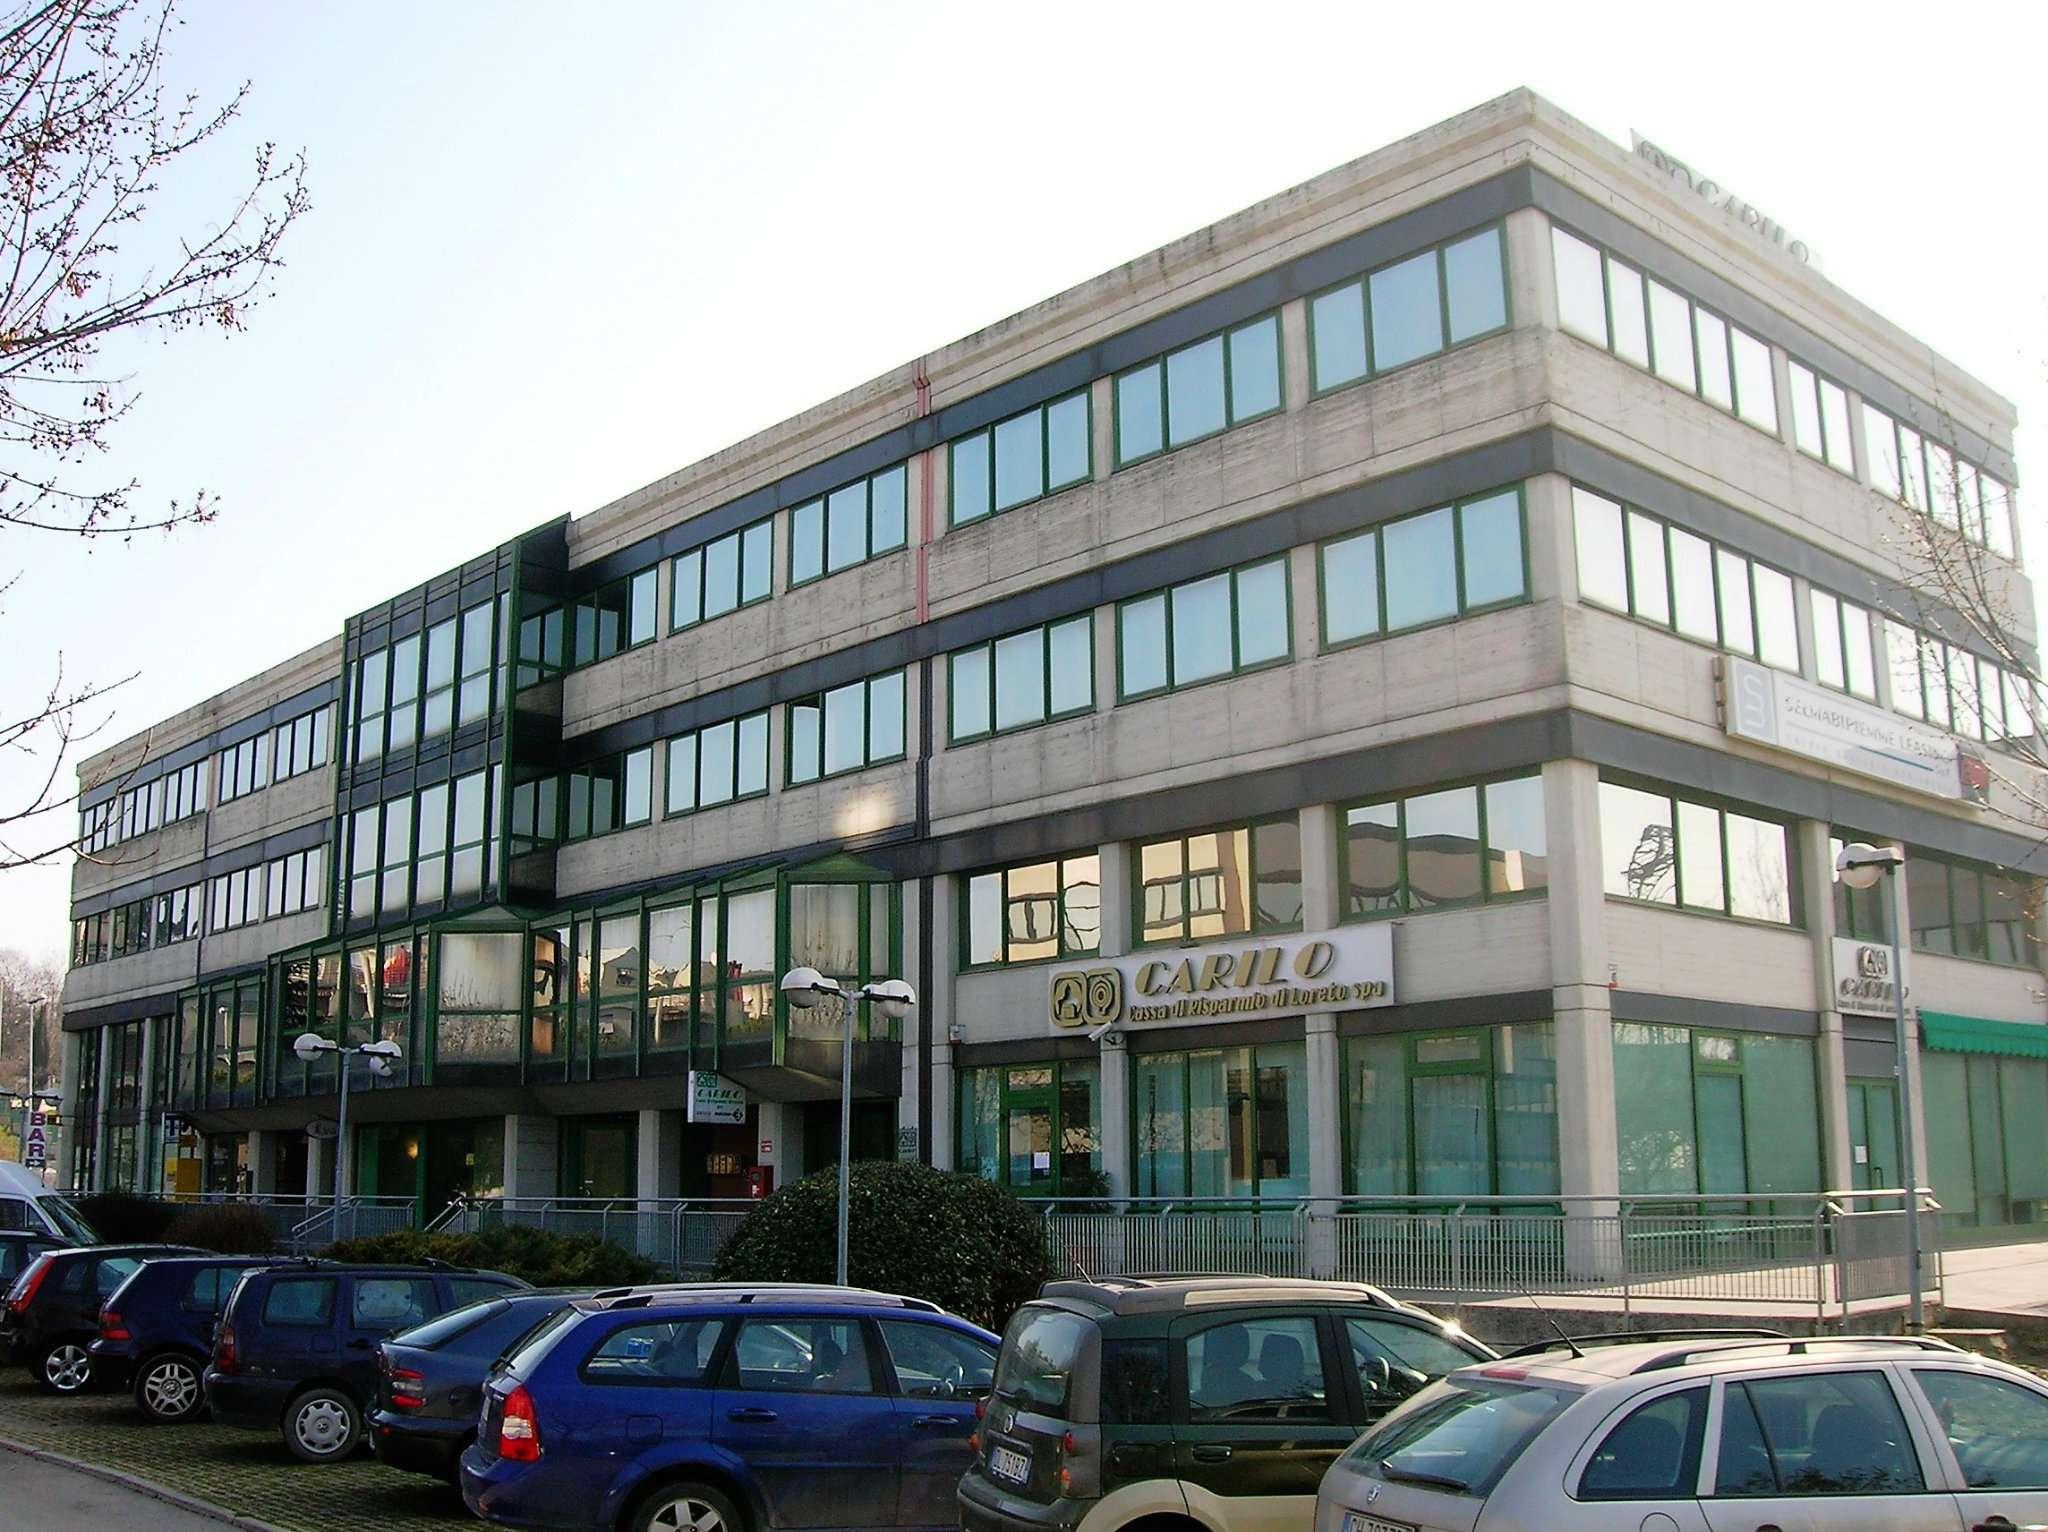 Ufficio a ancona an cerco locali uffici a ancona an for Cerco ufficio in affitto a roma